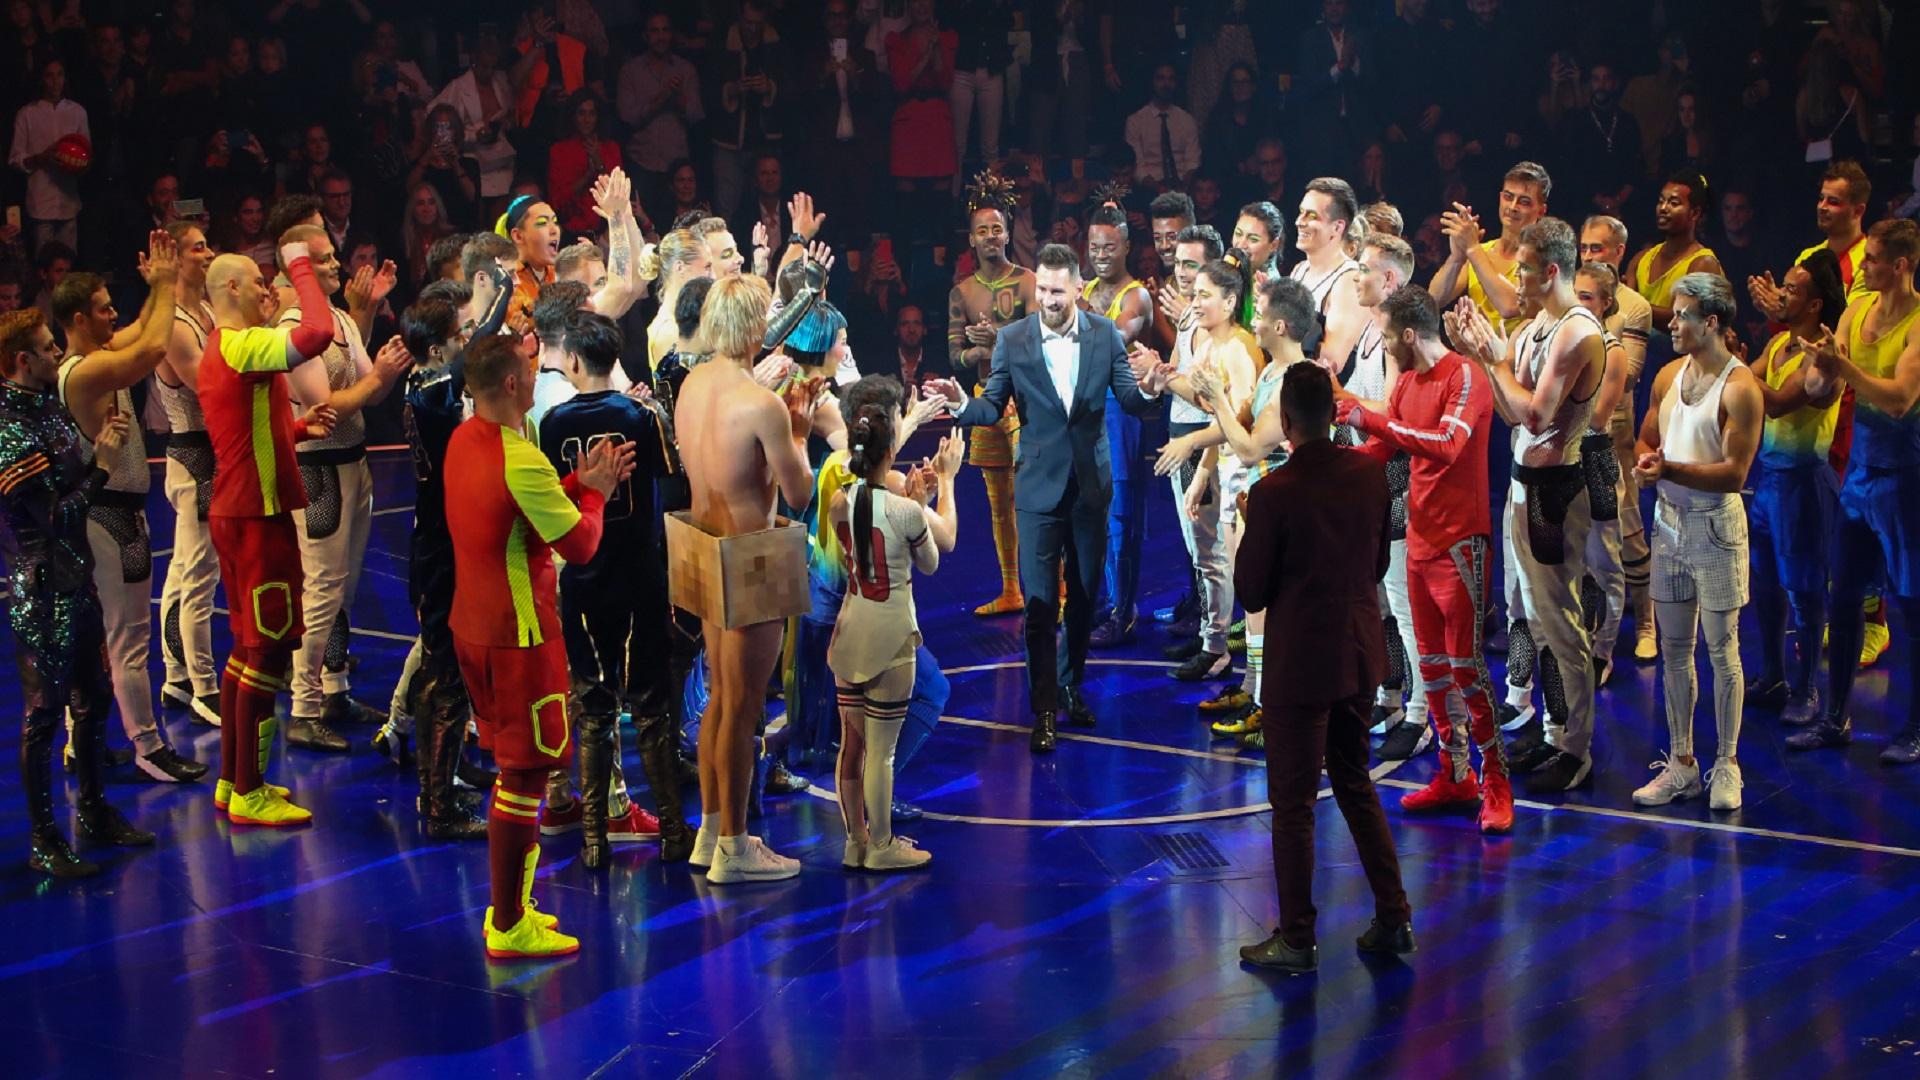 Lionel Messi subió al escenario, una vez terminada la función del Cirque Du Soleil (Foto: Nancy Martínez)